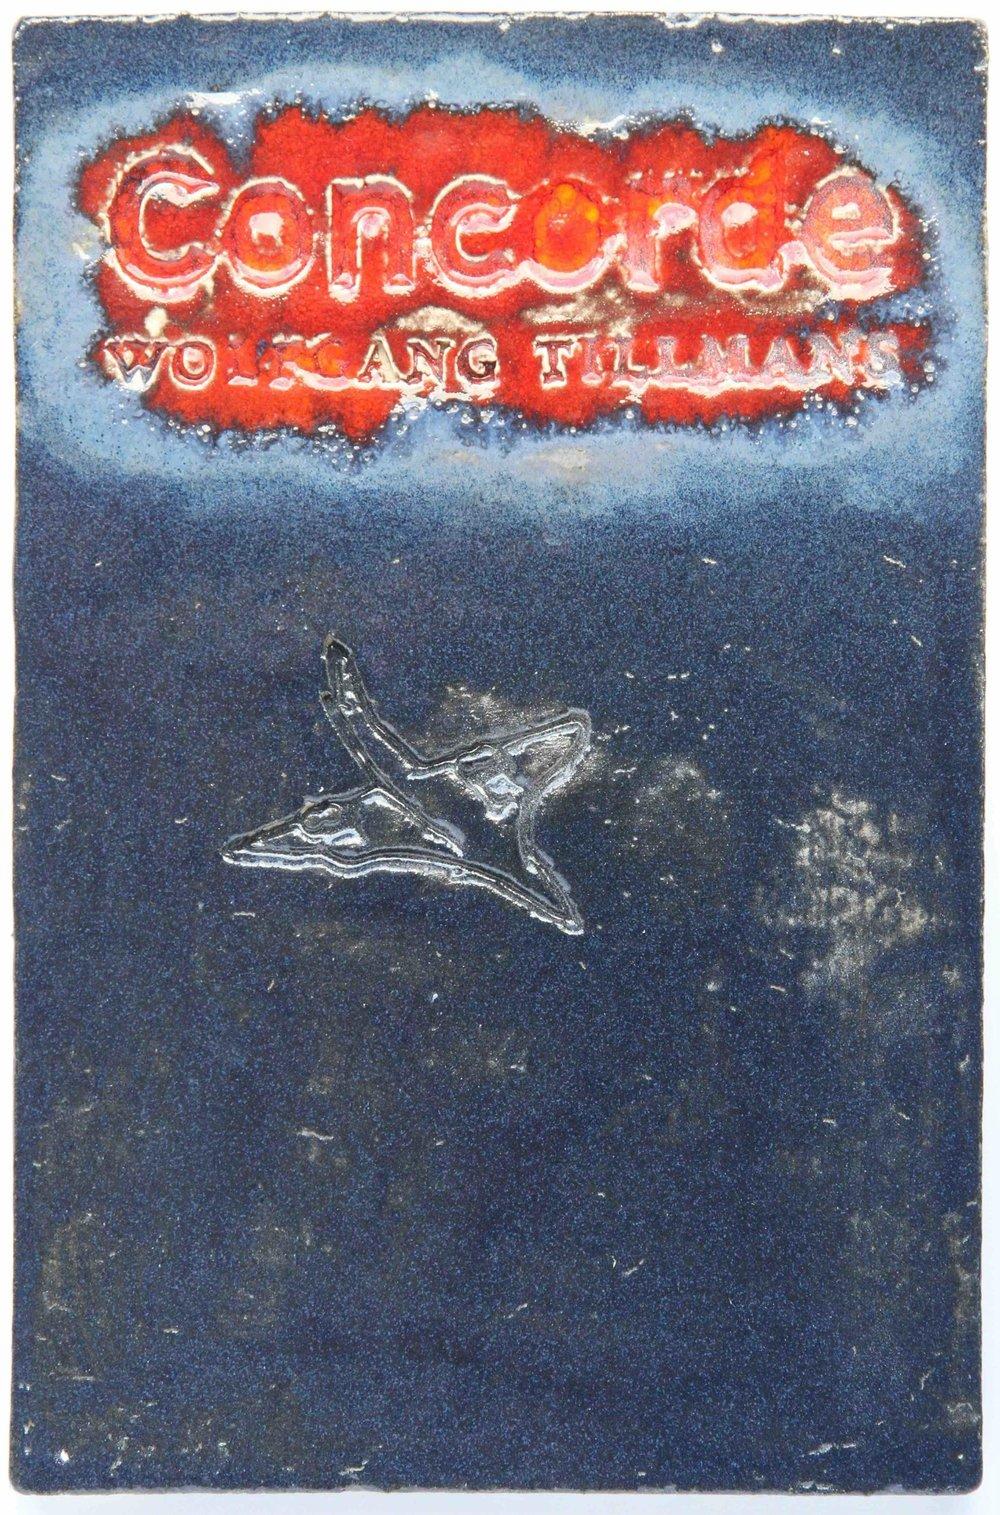 Concorde+2jpg.jpg